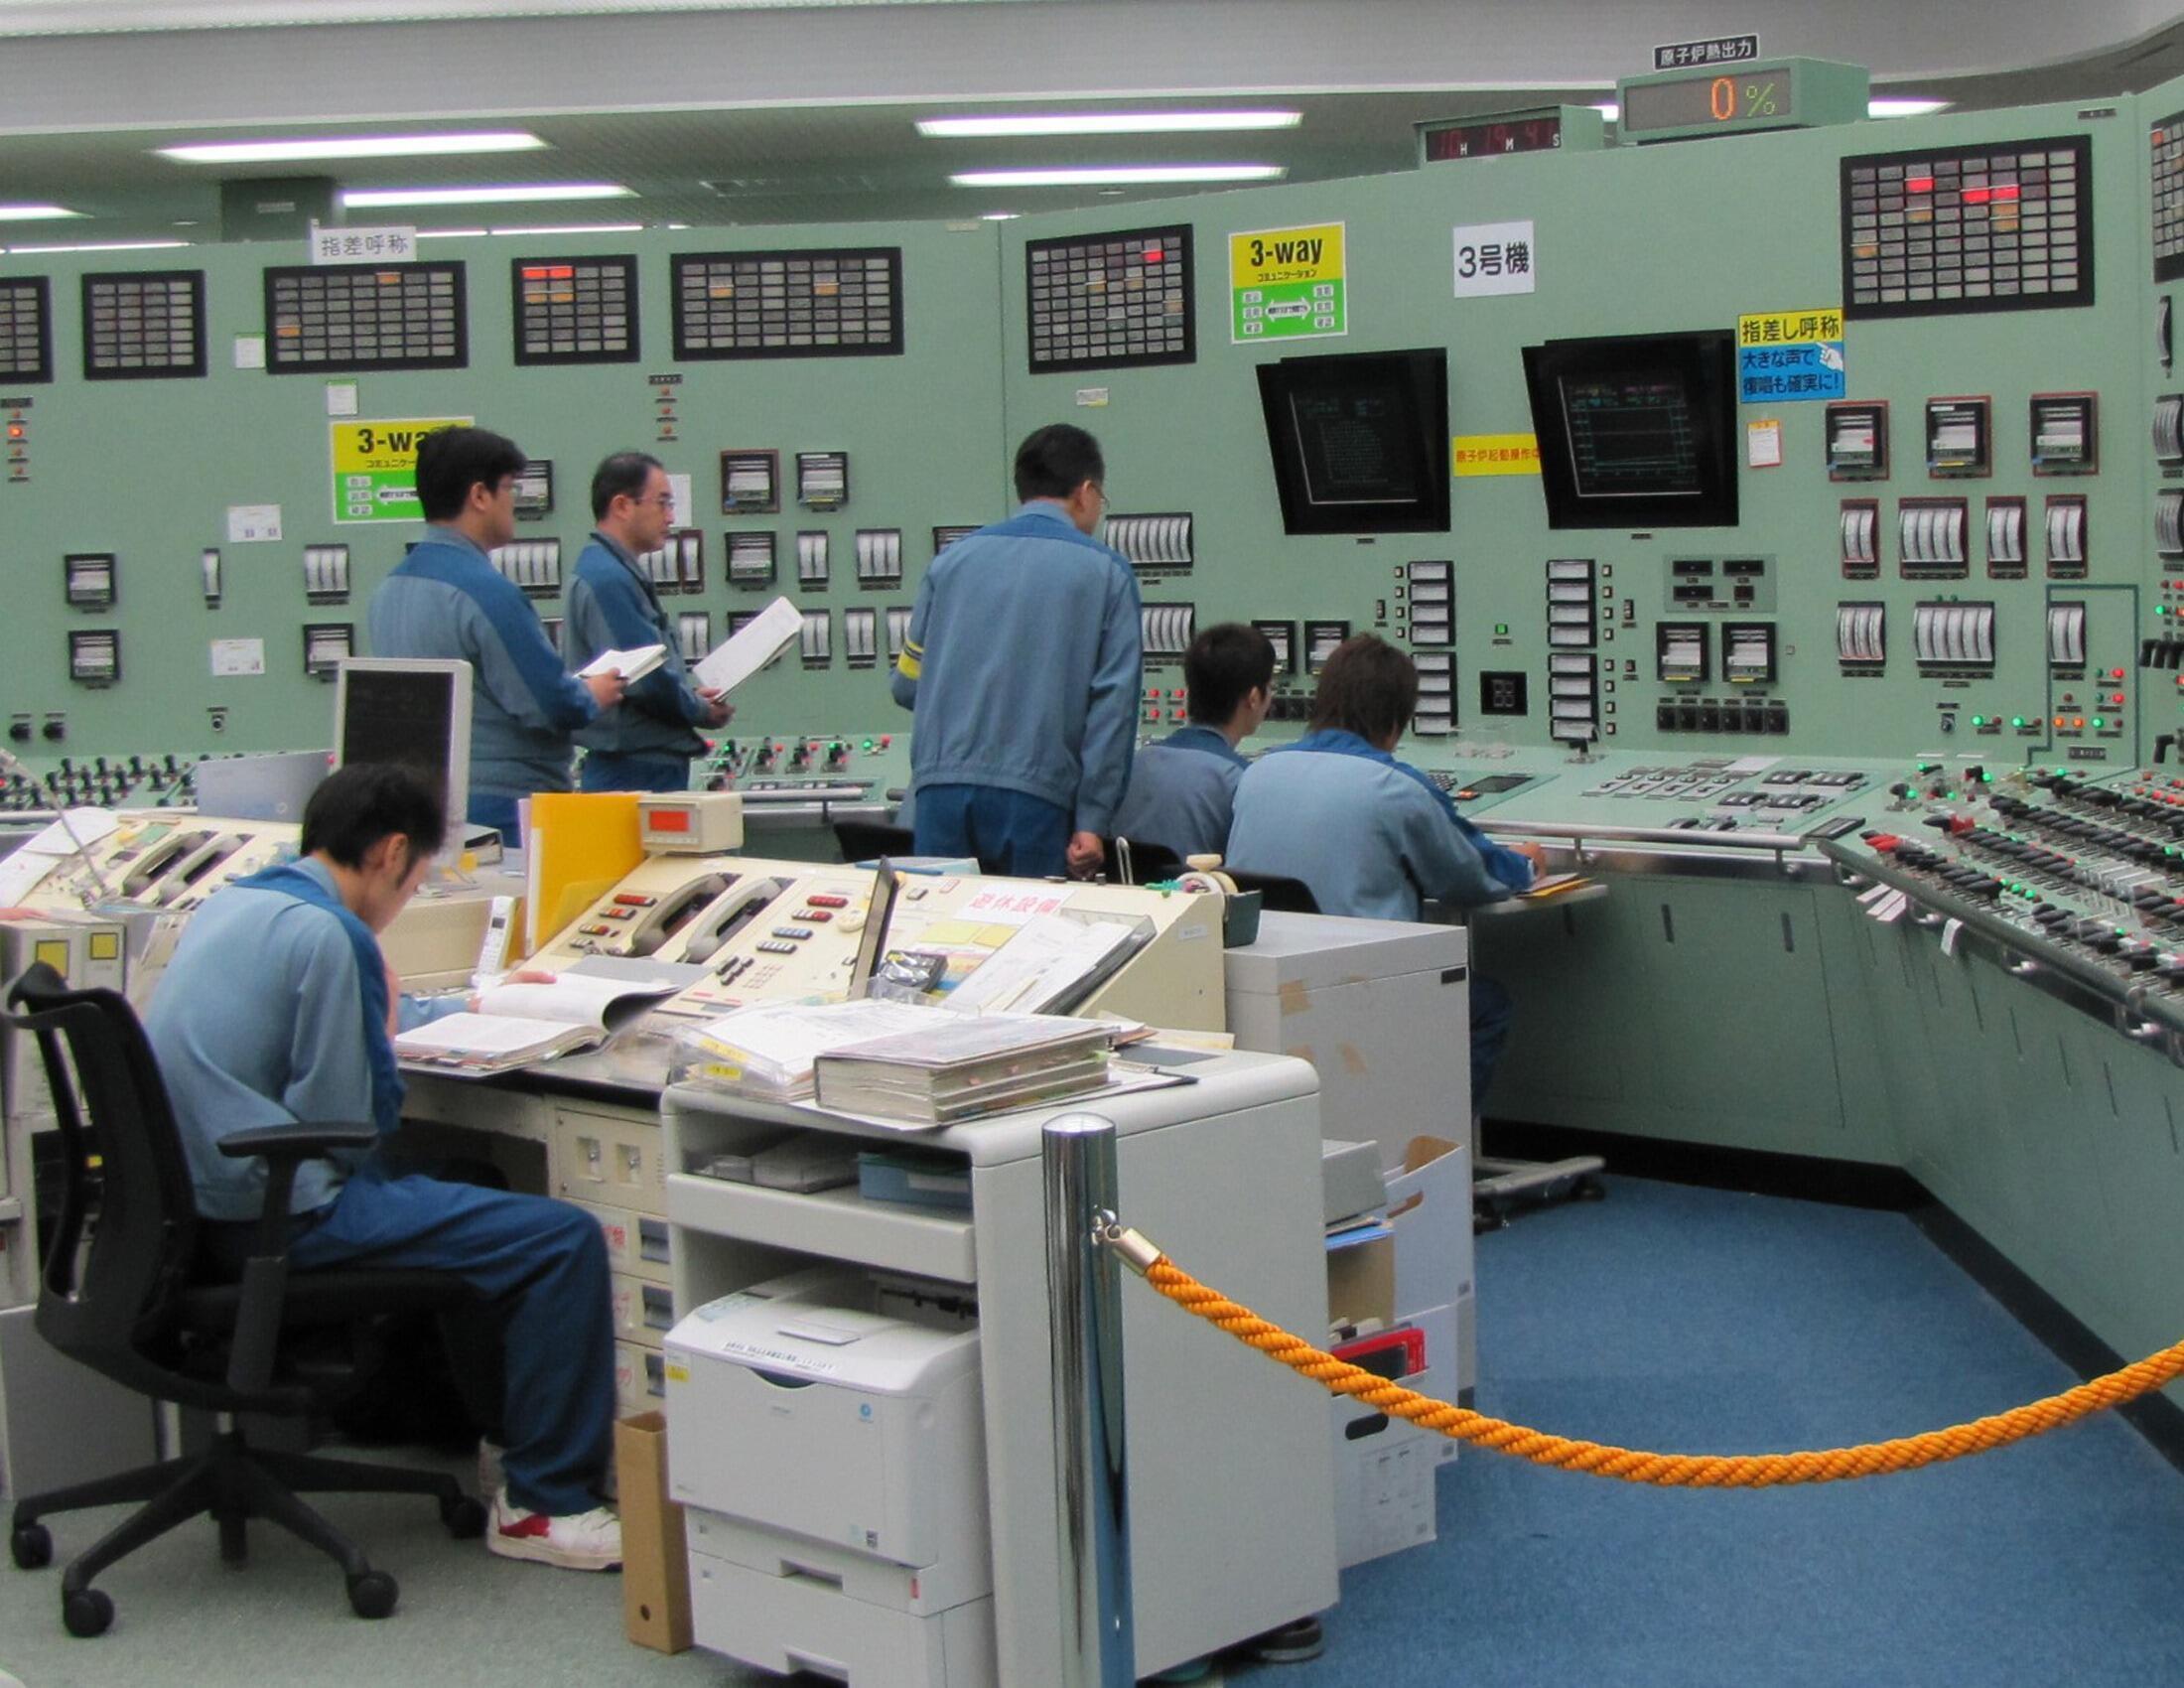 Sala de controle do reator 3, o mais danificado, na central nuclear de Fukushima.